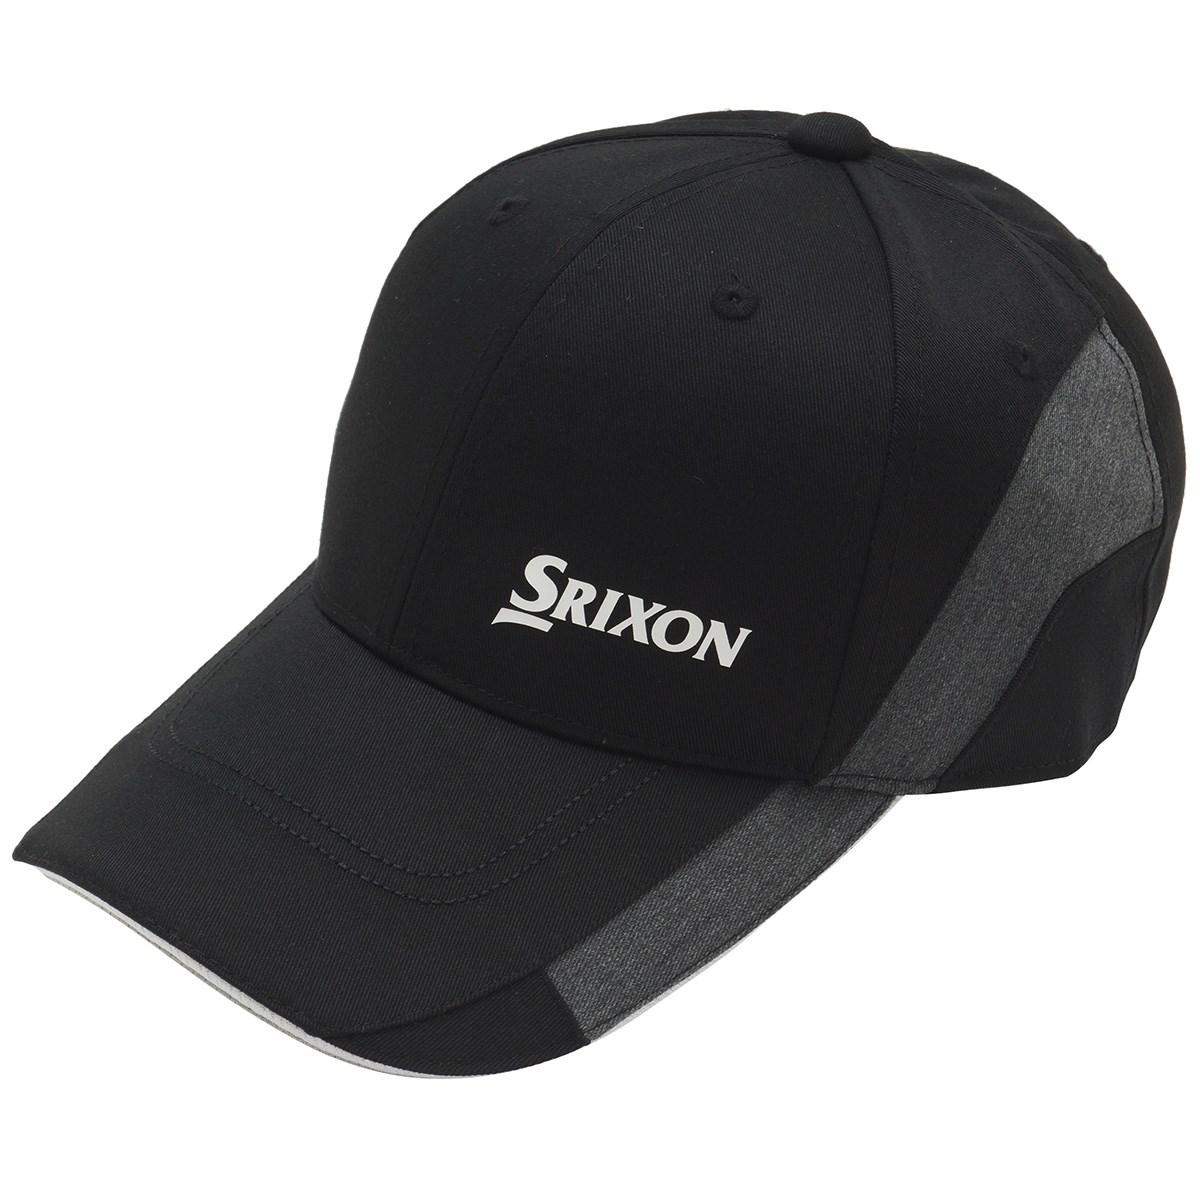 スリクソンゴルフ SRIXON 切り替えデザインキャップ フリー ブラック 00